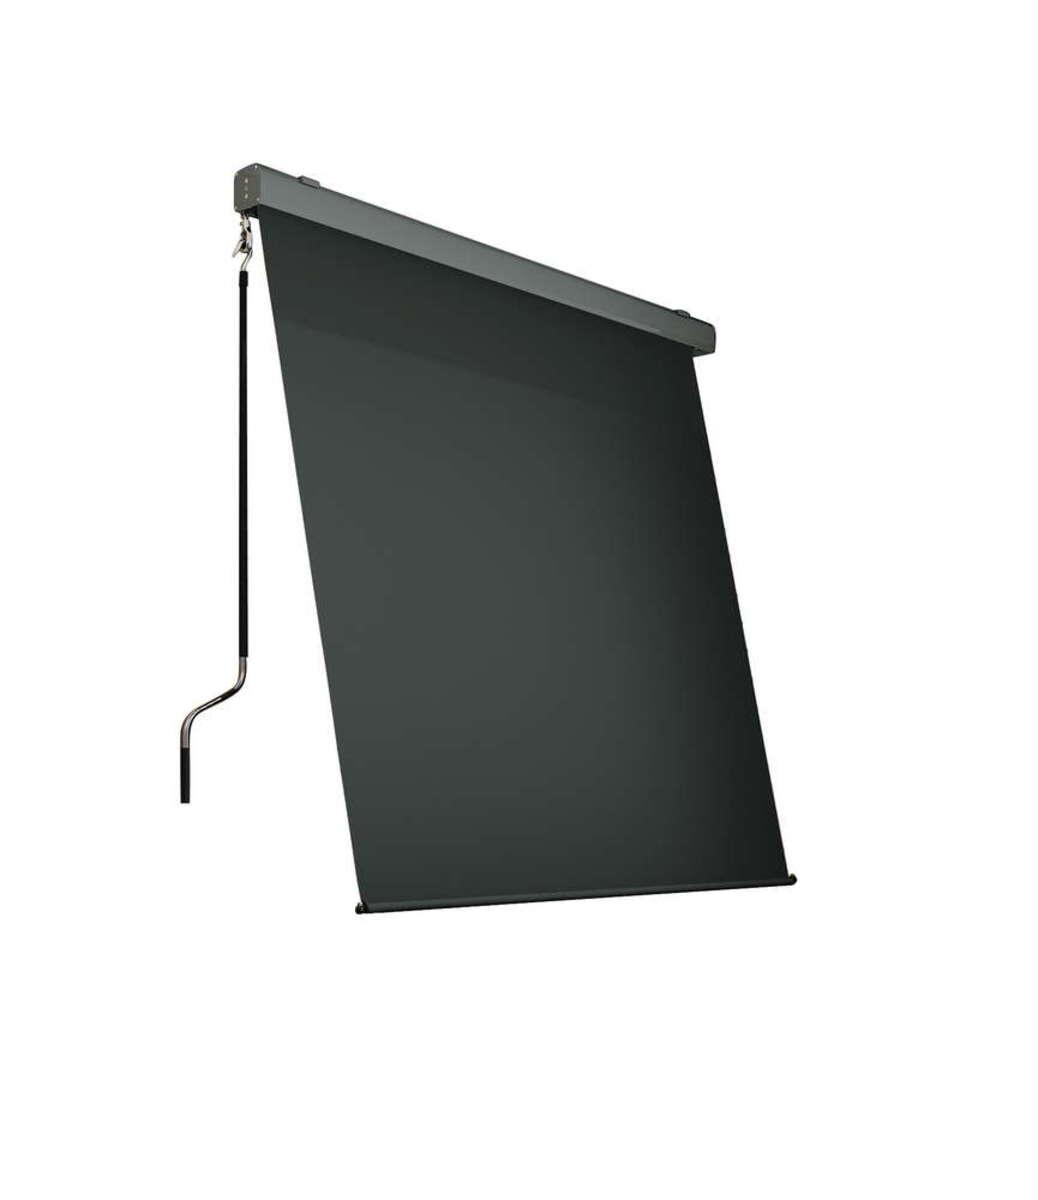 Bild 1 von HC Home & Living Alu-Sonnenrollo, ca. 2 x 3 m - Anthrazit